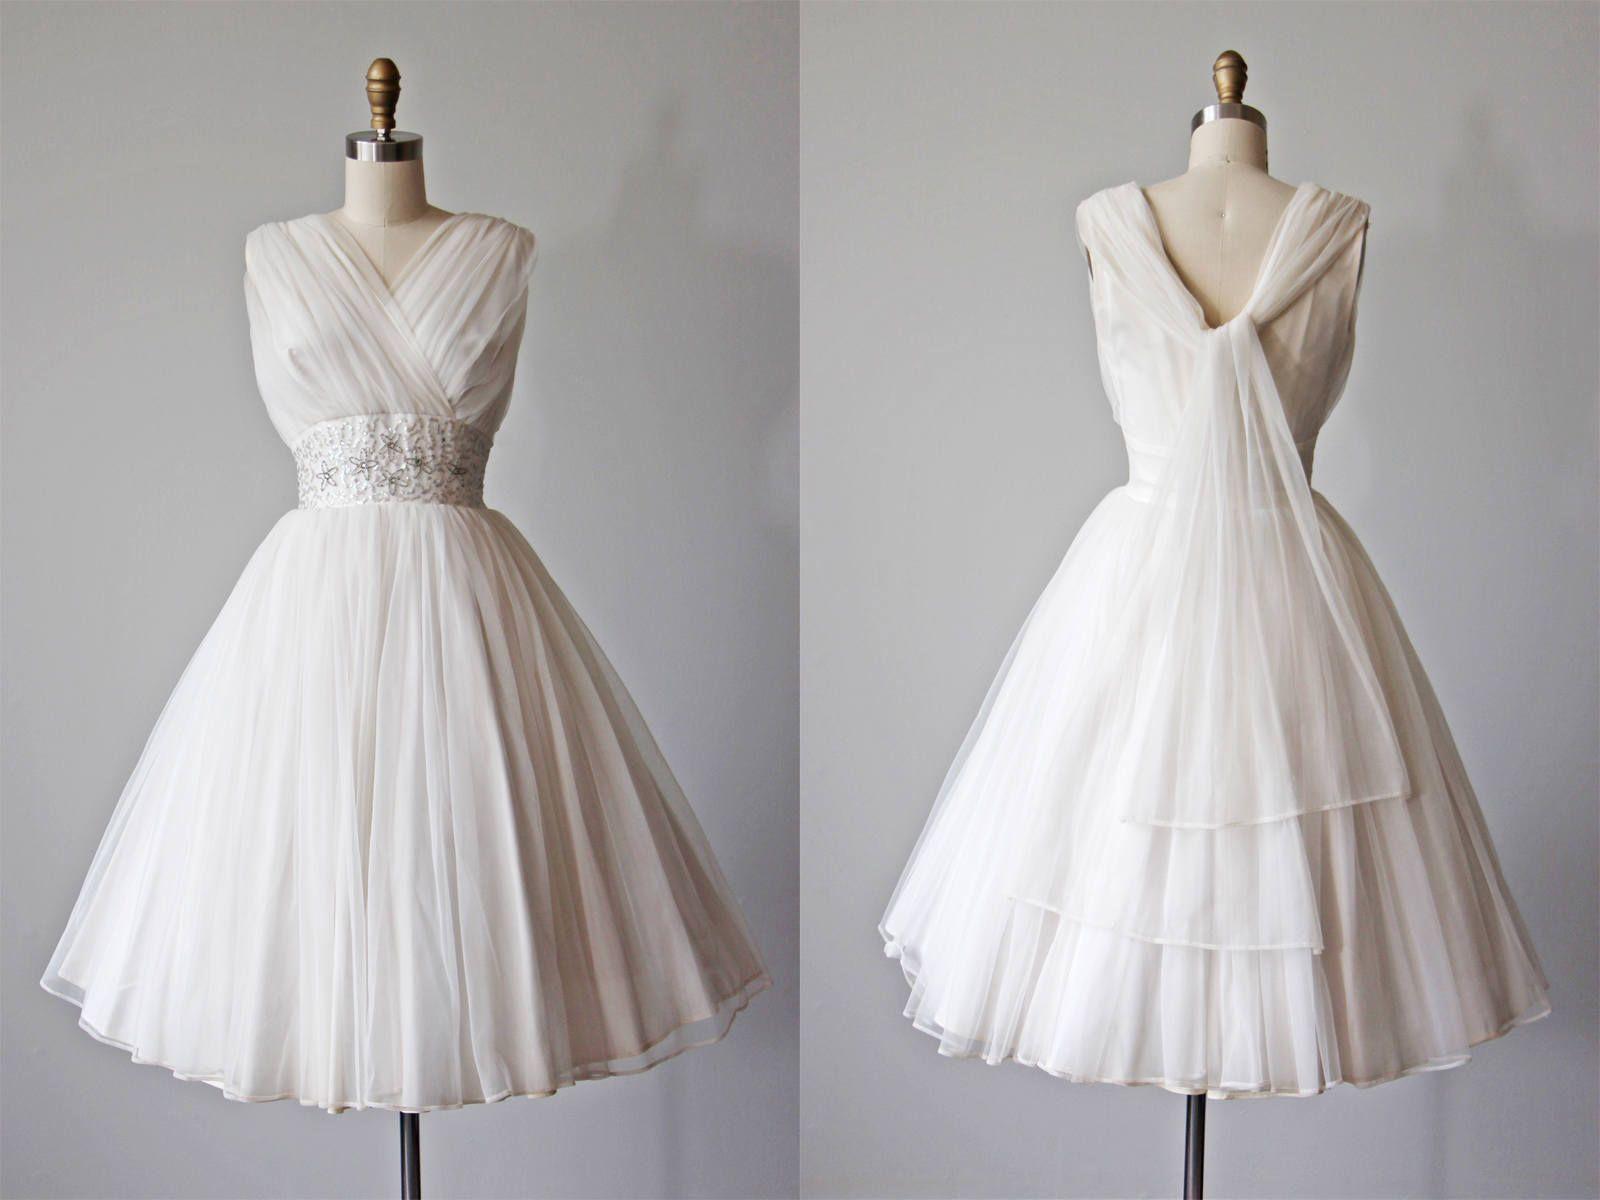 50s Dress Vintage 1950s Dress White Chiffon Wedding Prom Etsy Vintage 1950s Dresses 50s Dress Vintage Dresses [ 1200 x 1600 Pixel ]